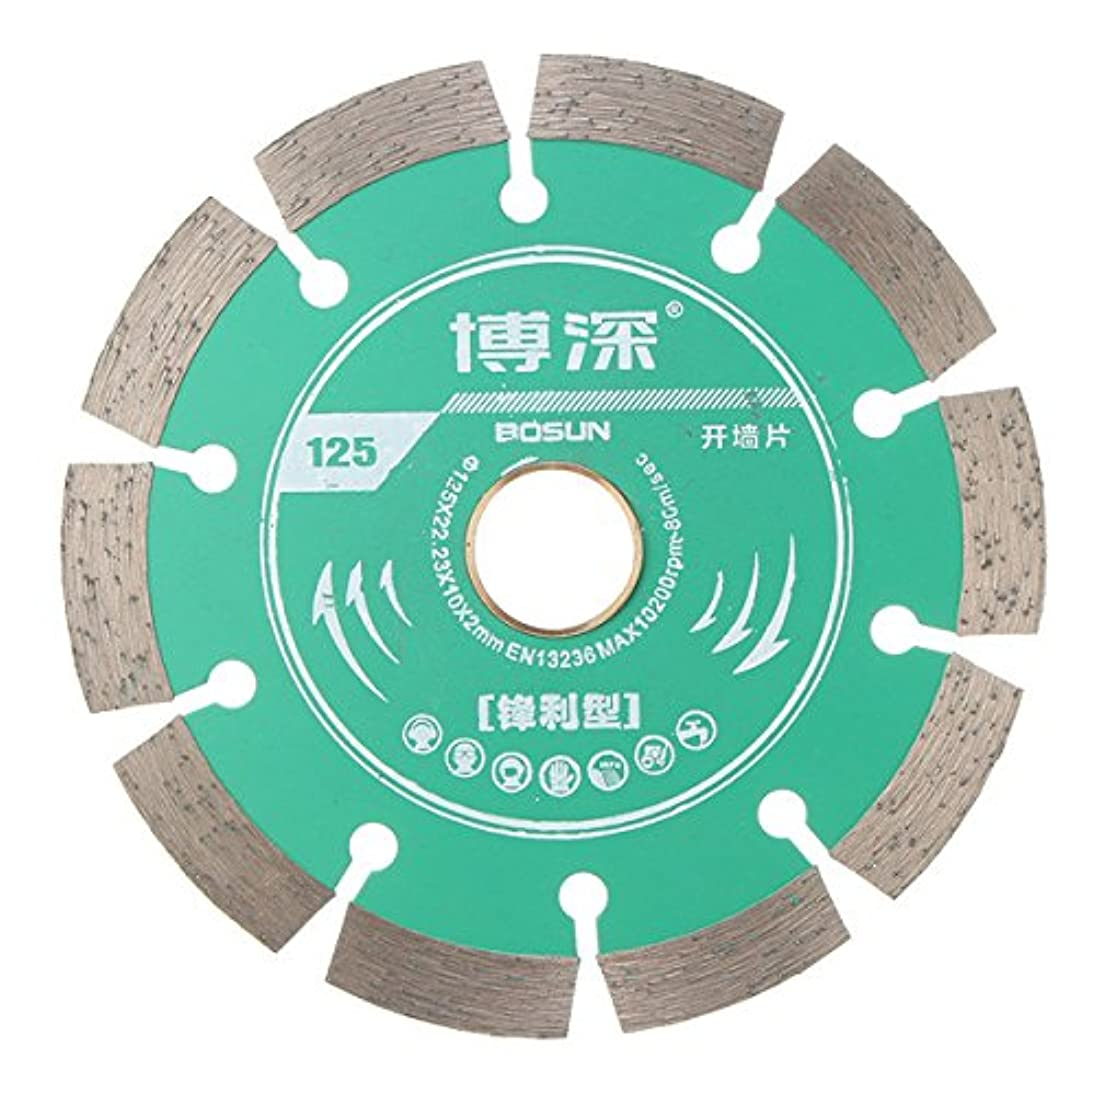 素晴らしいです比喩何十人もQueenwind 125mm の合金は具体的な大理石の石工およびタイルのための刃の車輪の切断の Diac を見た